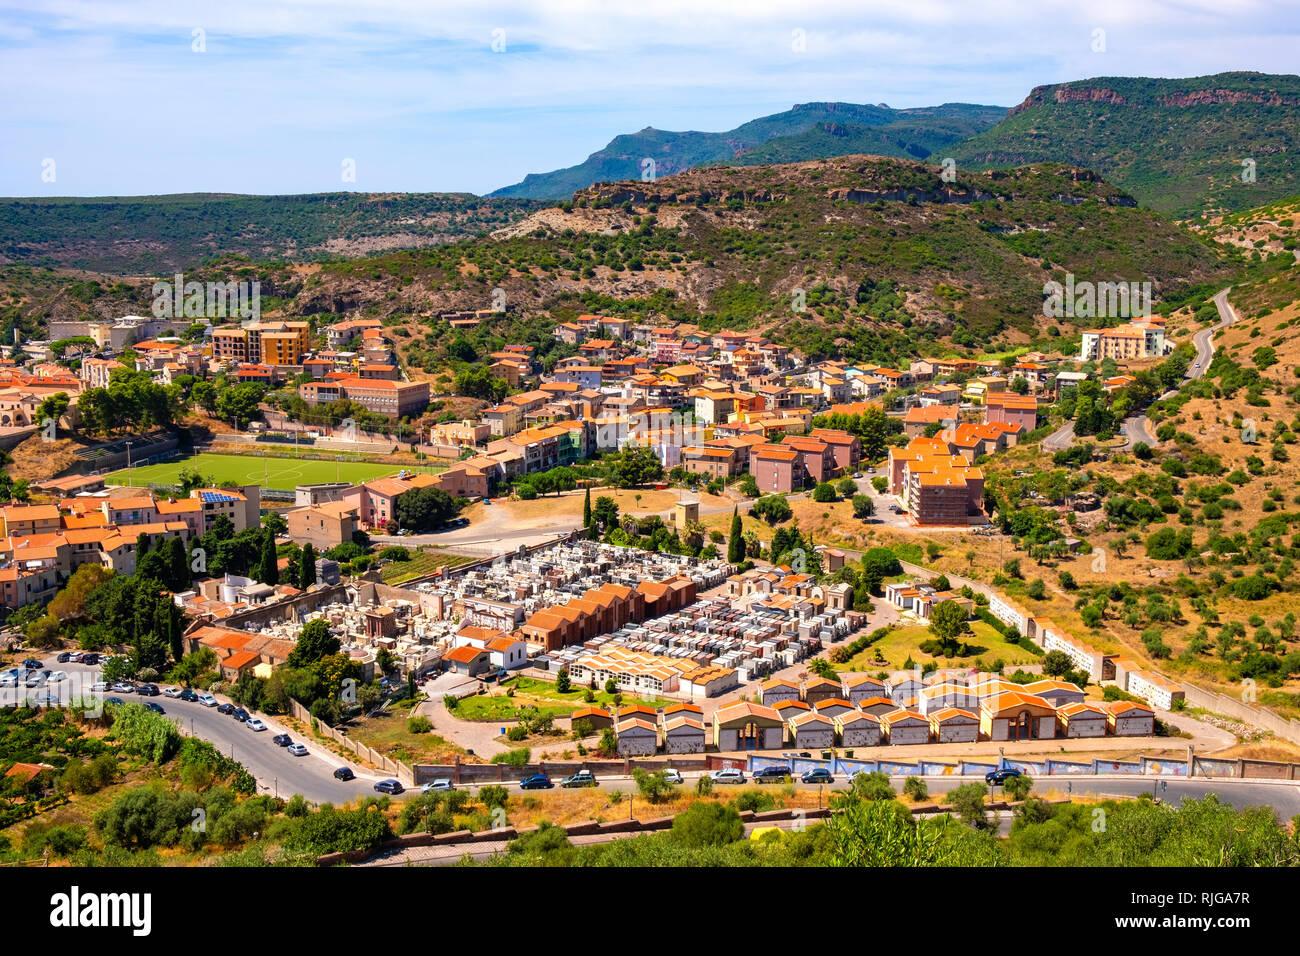 Bosa, Sardinien/Italien - 2018/08/13: Panoramablick auf die Altstadt von Bosa und die umliegenden Hügel von Malaspina Castle Hill gesehen Stockfoto